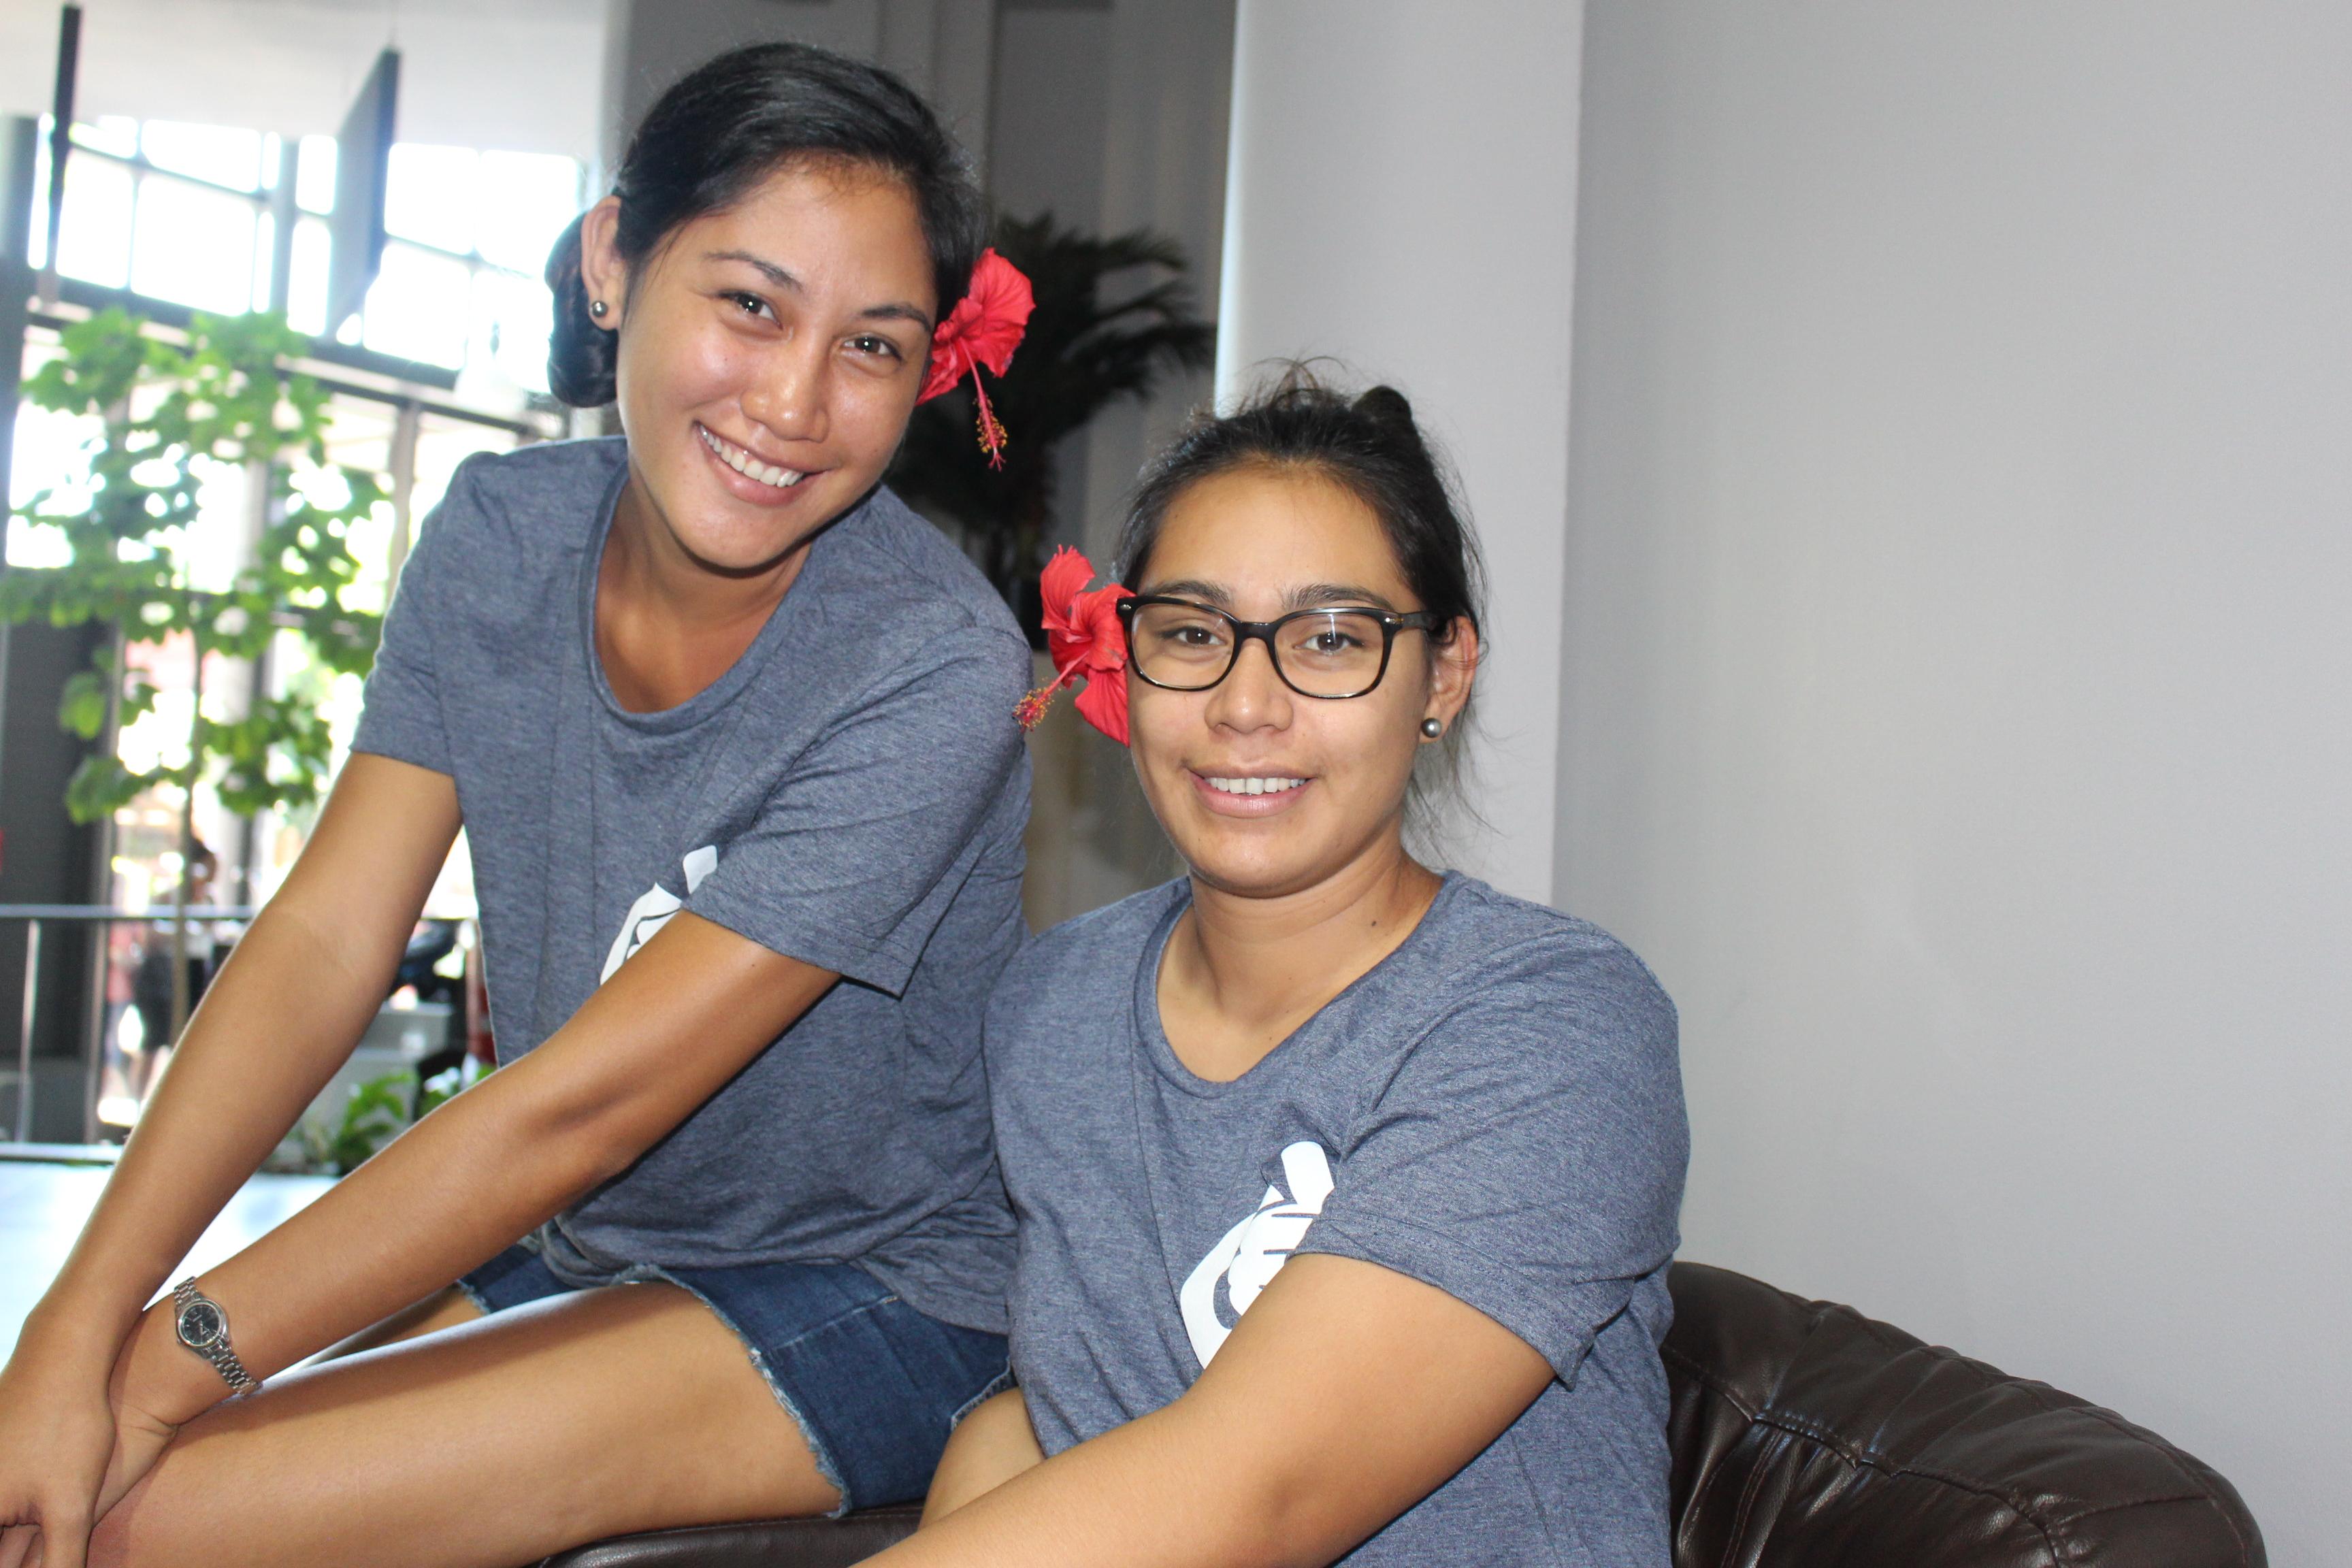 Reiva Ysac Make vient de Raiatea, elle a 20 ans et veut ouvrir une boutique spécialisée dans le paadle et le va'a et Farrah Lacour Taero, 23 ans espère ouvrir une boutique de tissus à Rurutu.